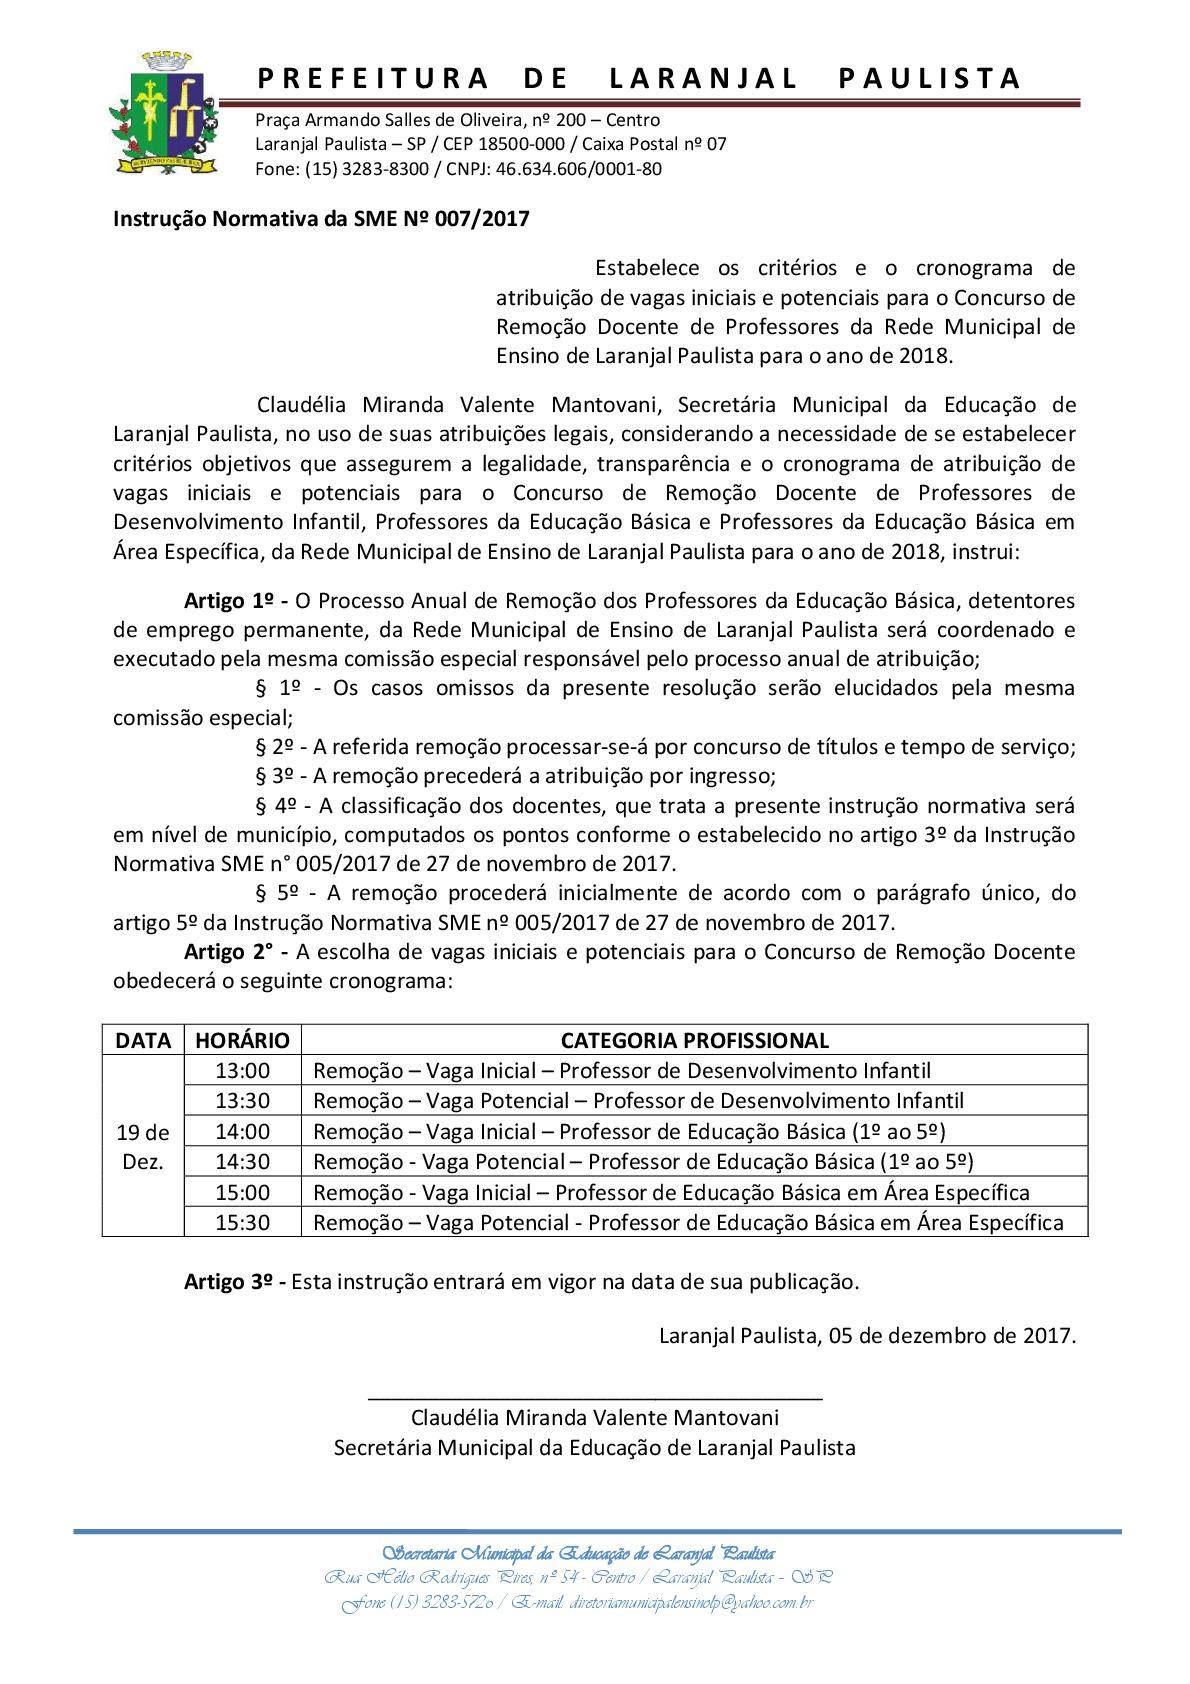 Instrução normativa SME nº 007/2017 - Cronograma de remoção